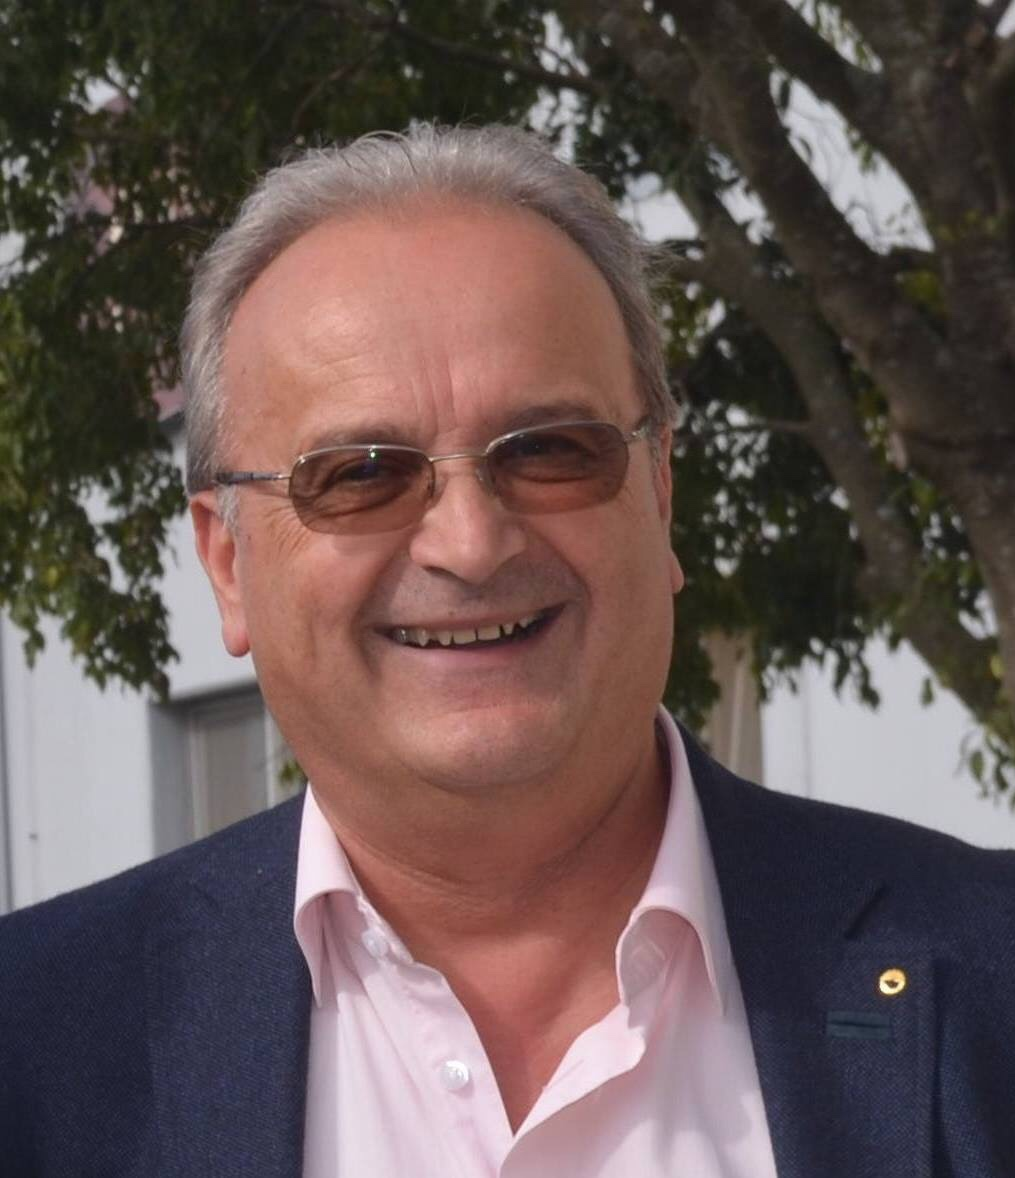 """Изпълнителният директор на РАО """"Тракия"""" проф. Иван Върляков е кандидатът на БСП за кмет на Стара Загора"""